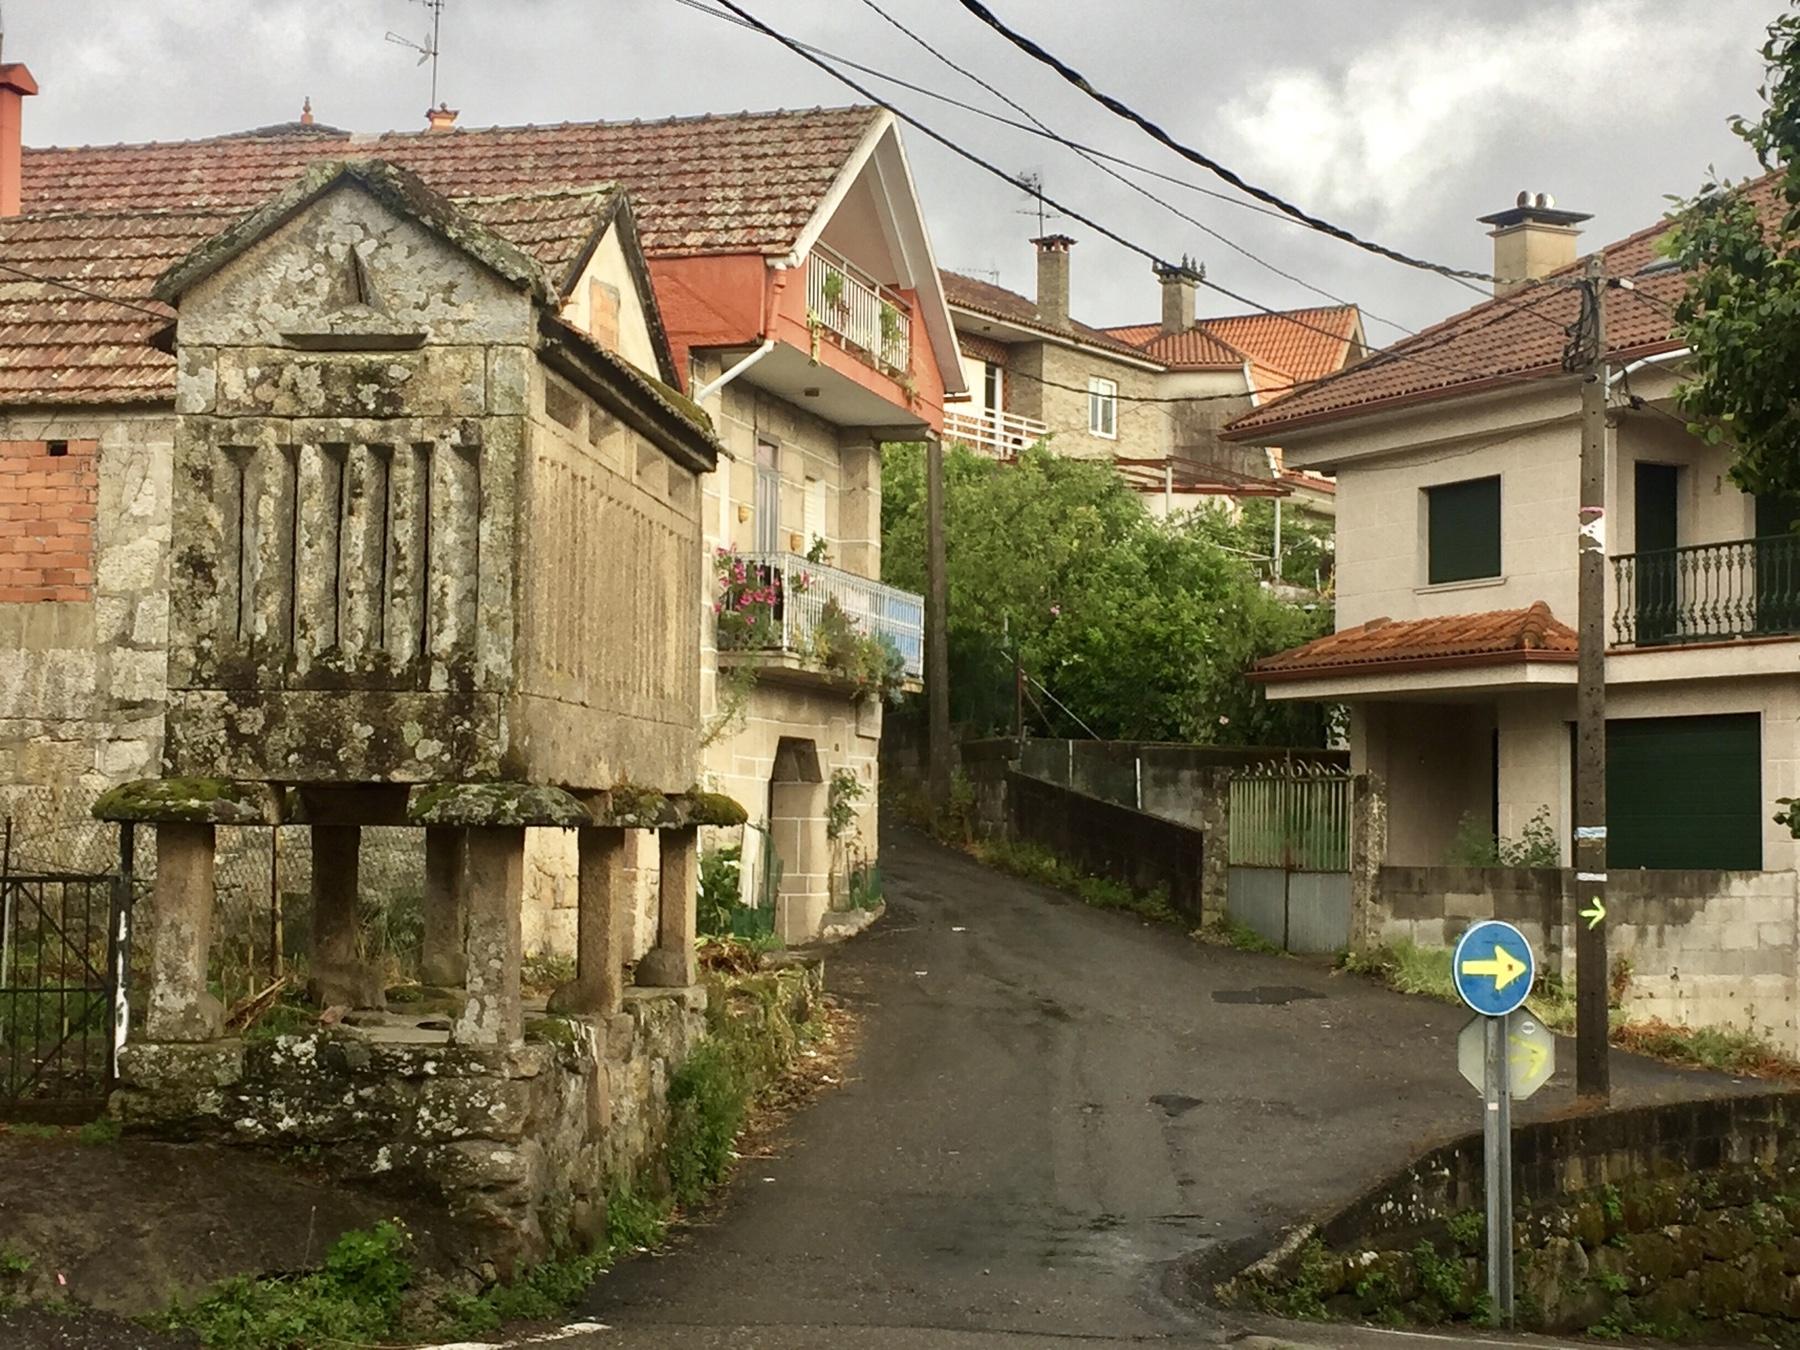 Typischer Kornspeicher in Galizien am Caminho Portugues